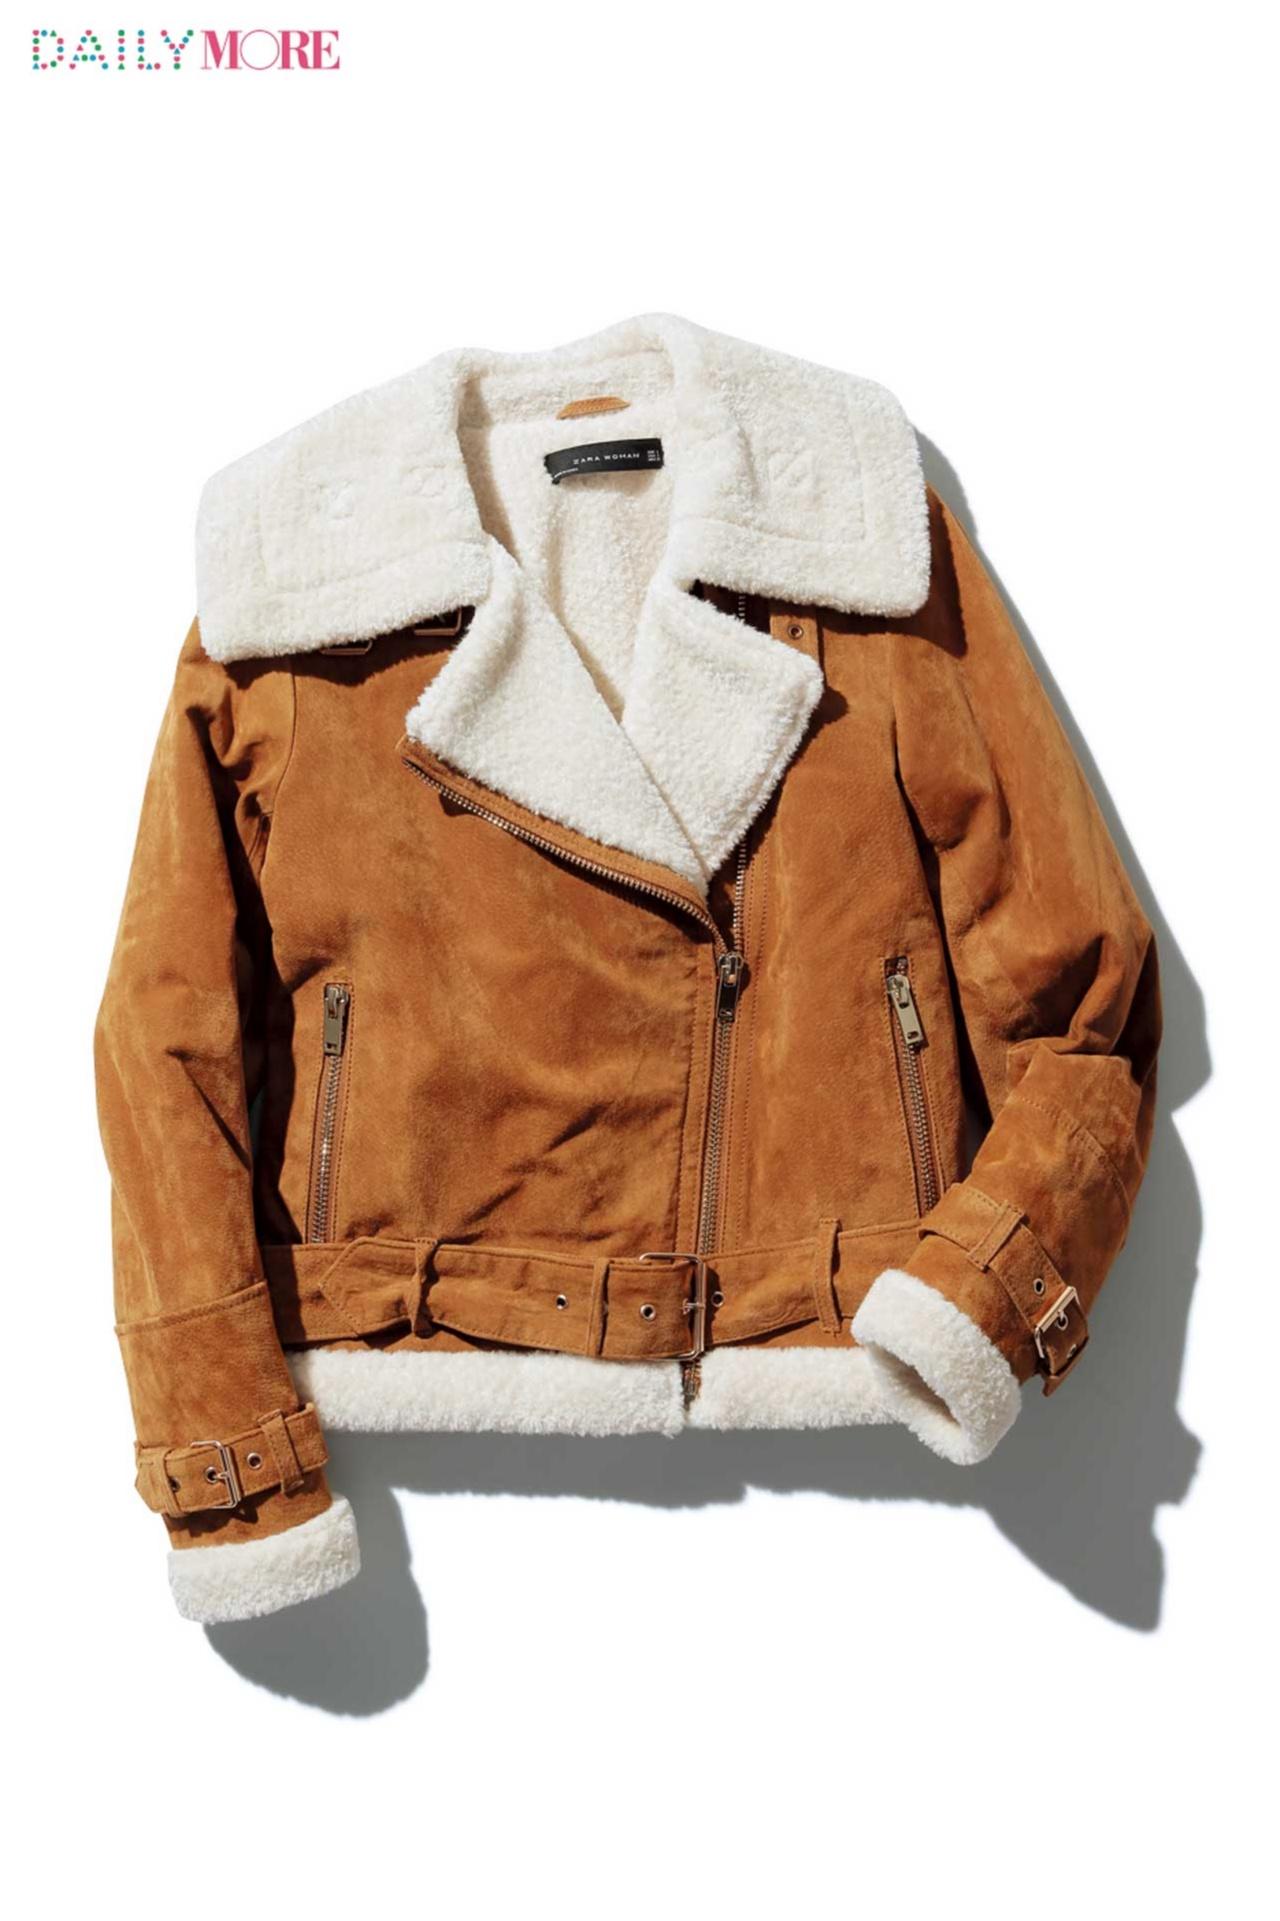 『ZARA』で秋服を本気買い! 1枚で様になるベロアトップスや、体がキレイに見えるチェックパンツを、around¥5000で手に入れて❤_1_3